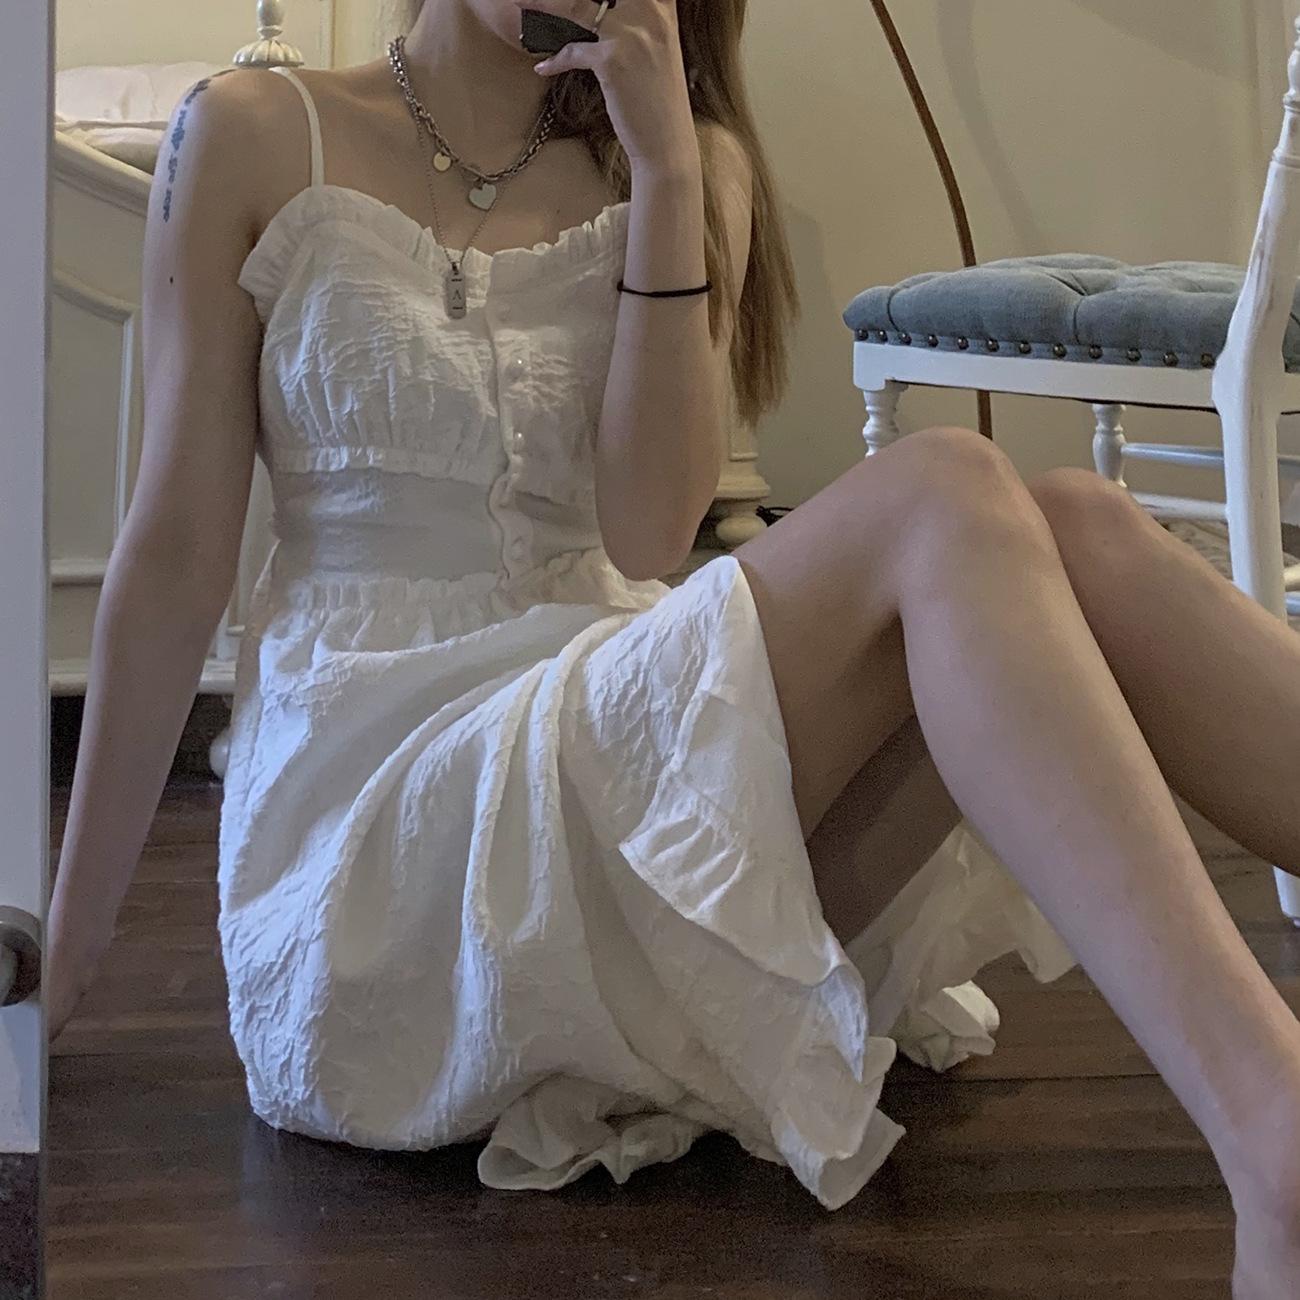 白色吊带连衣裙 白色吊带裙女2021年春夏新款法式开叉连衣裙子少女修身显瘦长裙_推荐淘宝好看的白色吊带连衣裙